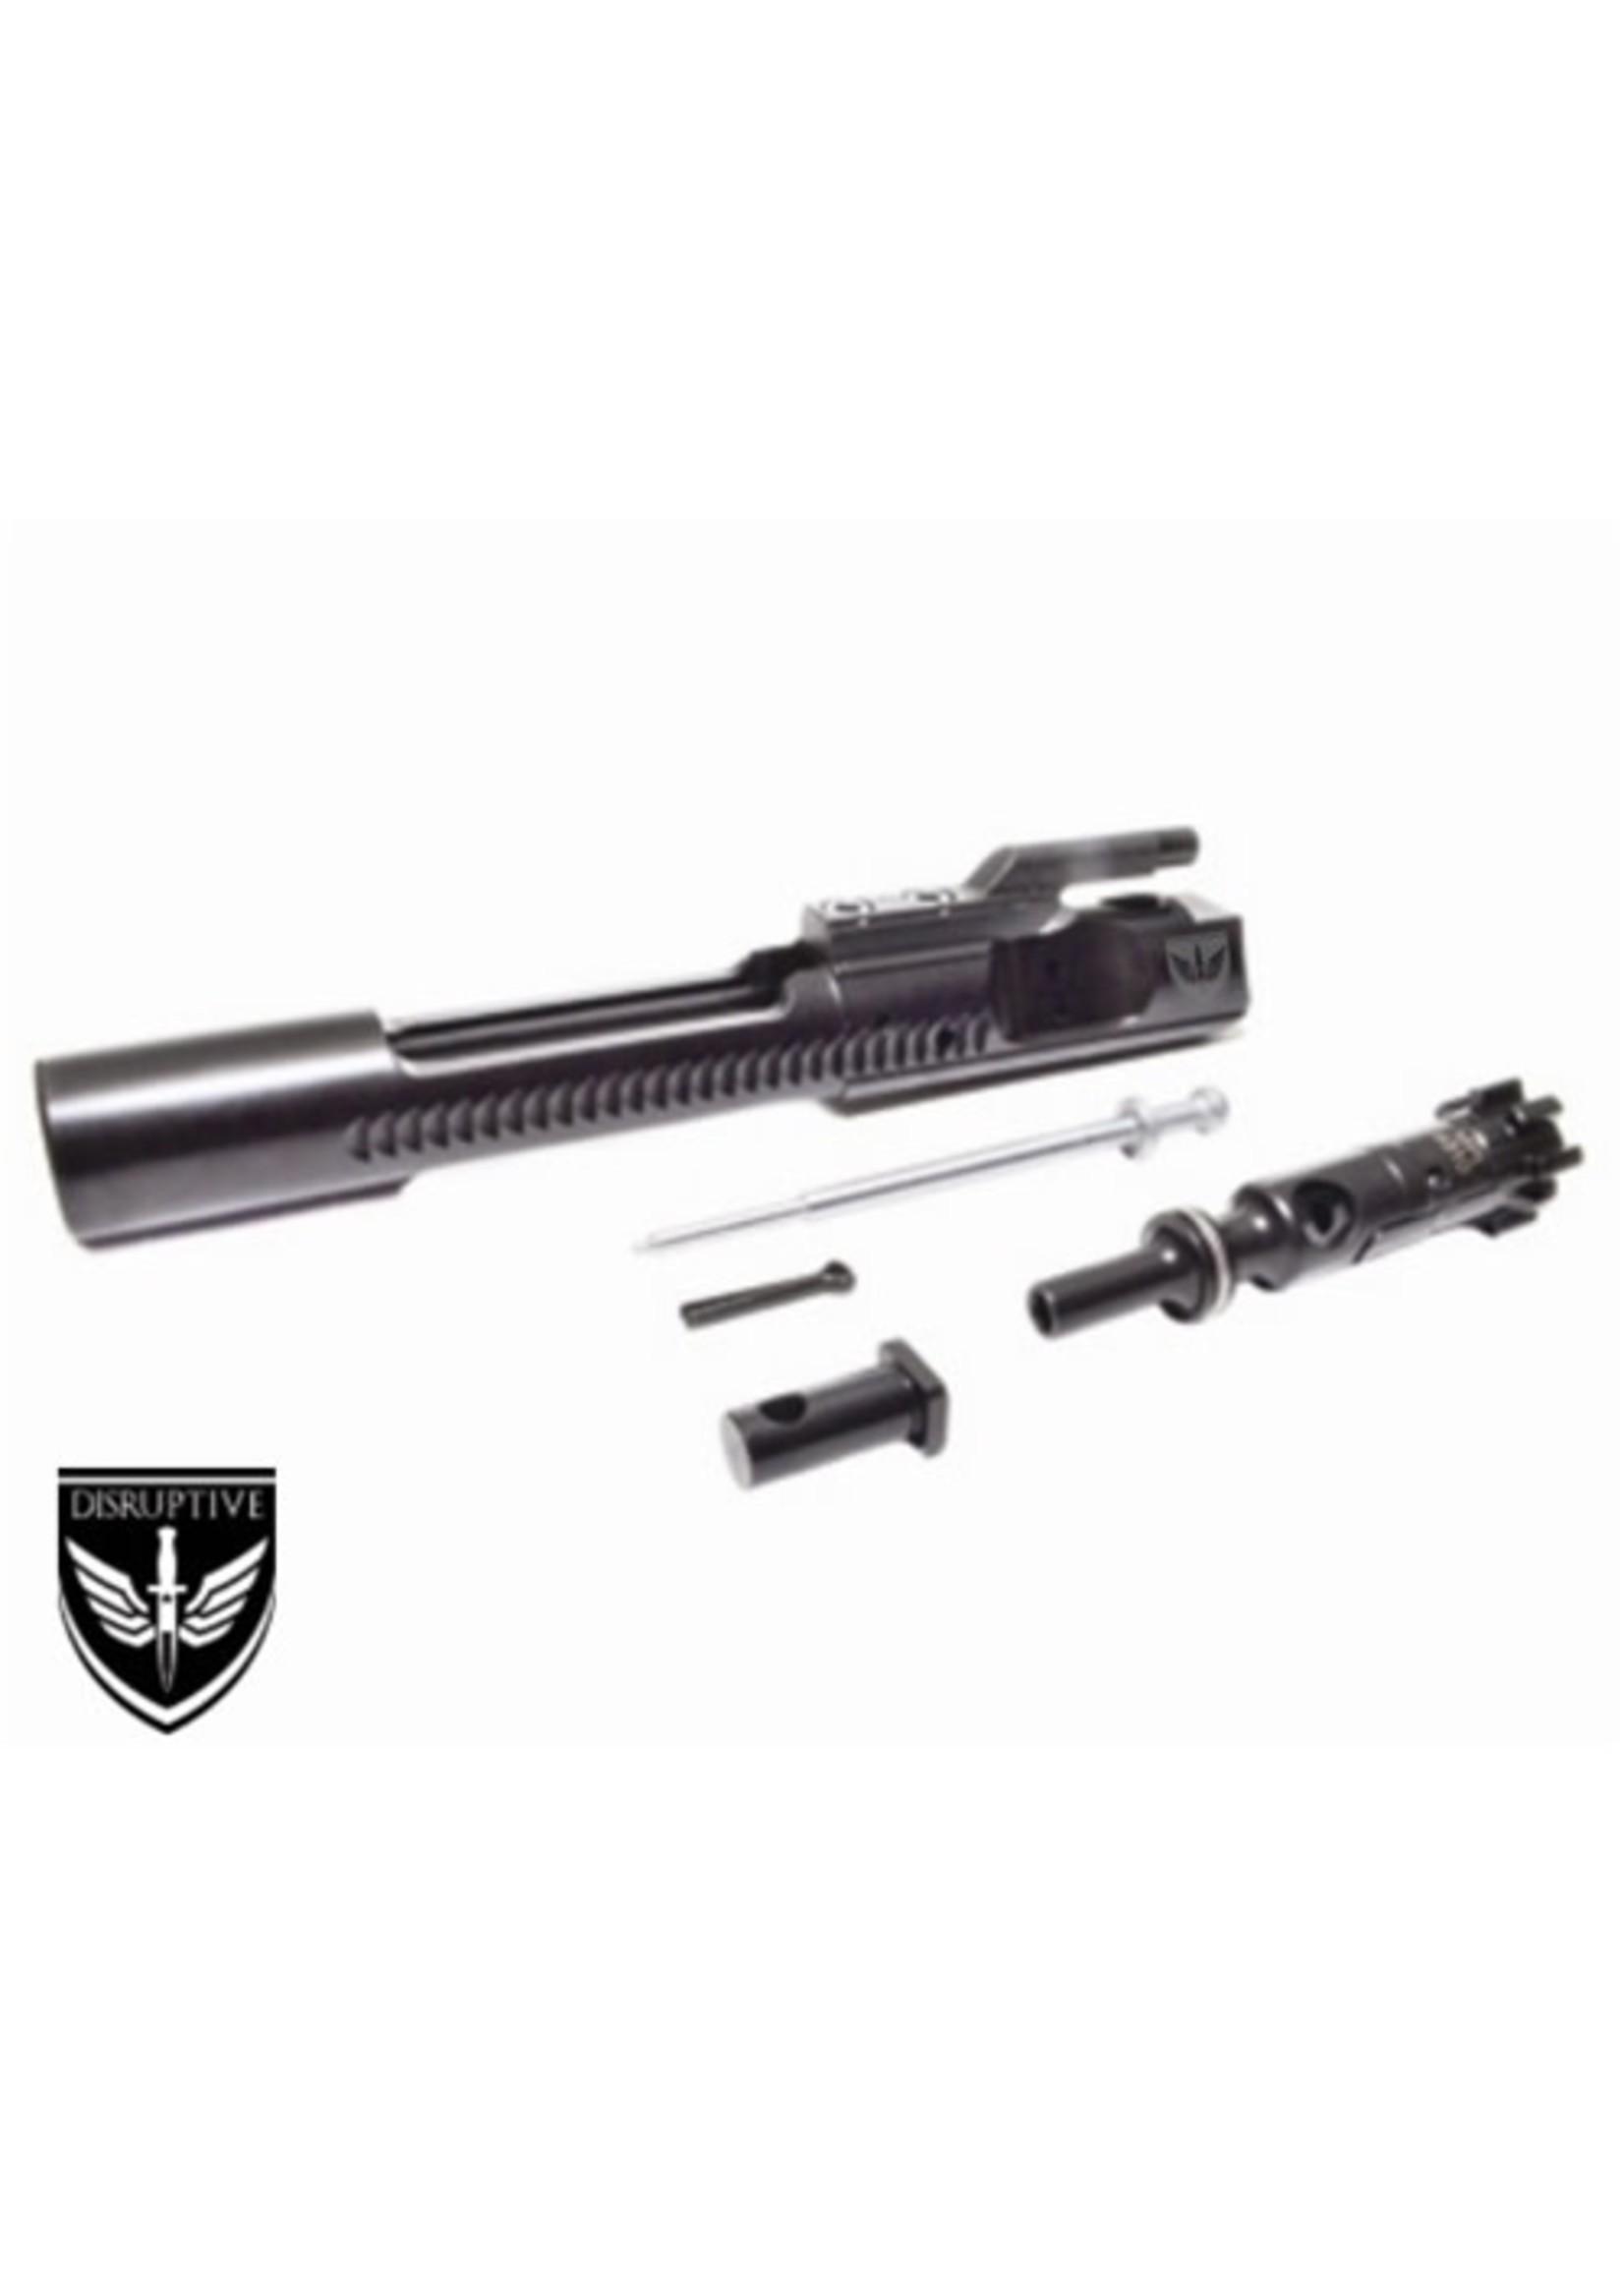 Disruptive Tactical DT15 BCG BOLT W/5.56 Billet Extractor